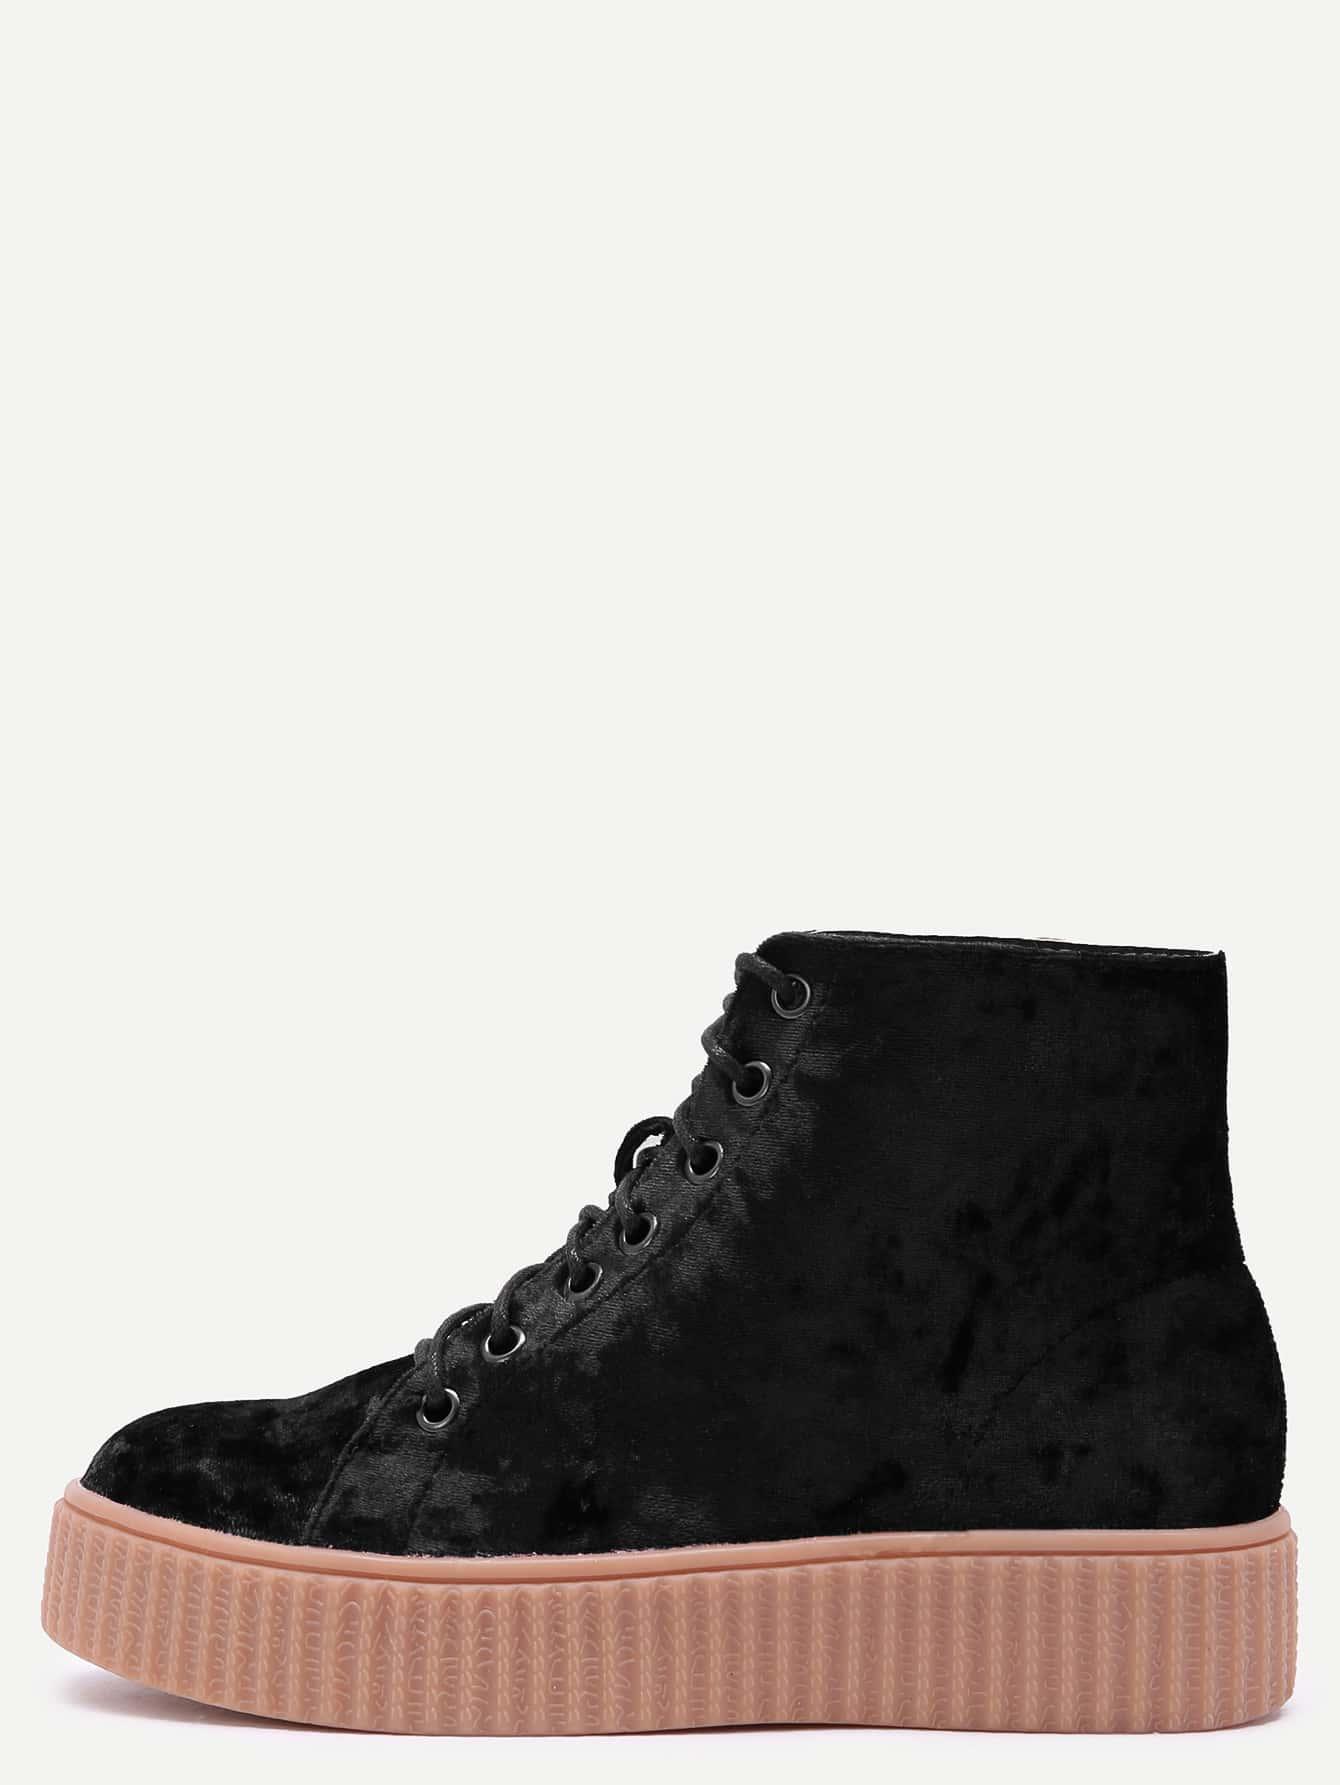 shoes161104803_2